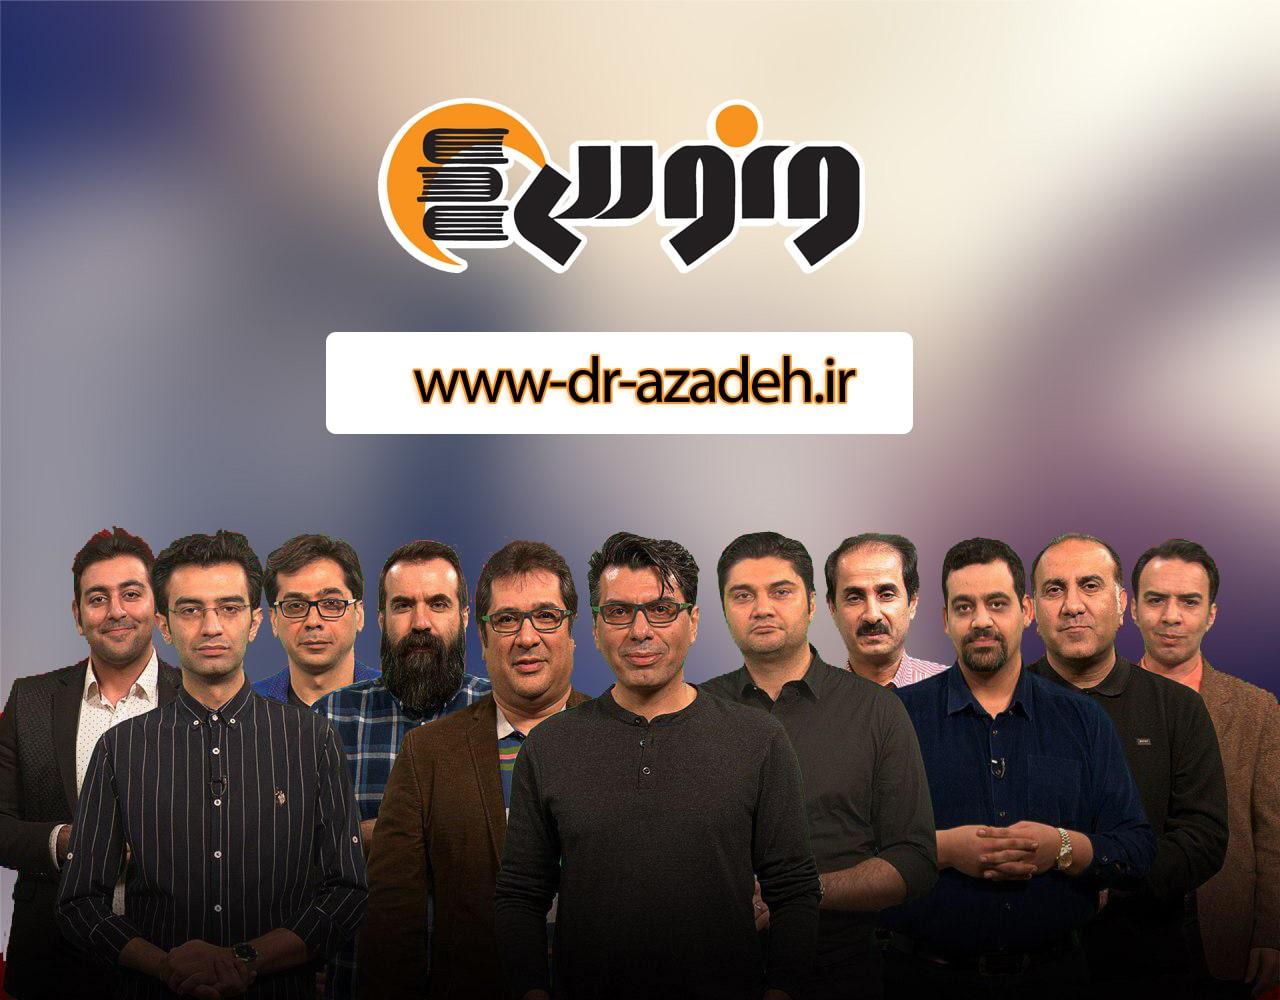 اساتید مشهور موسسه ونوس عربی آزاده